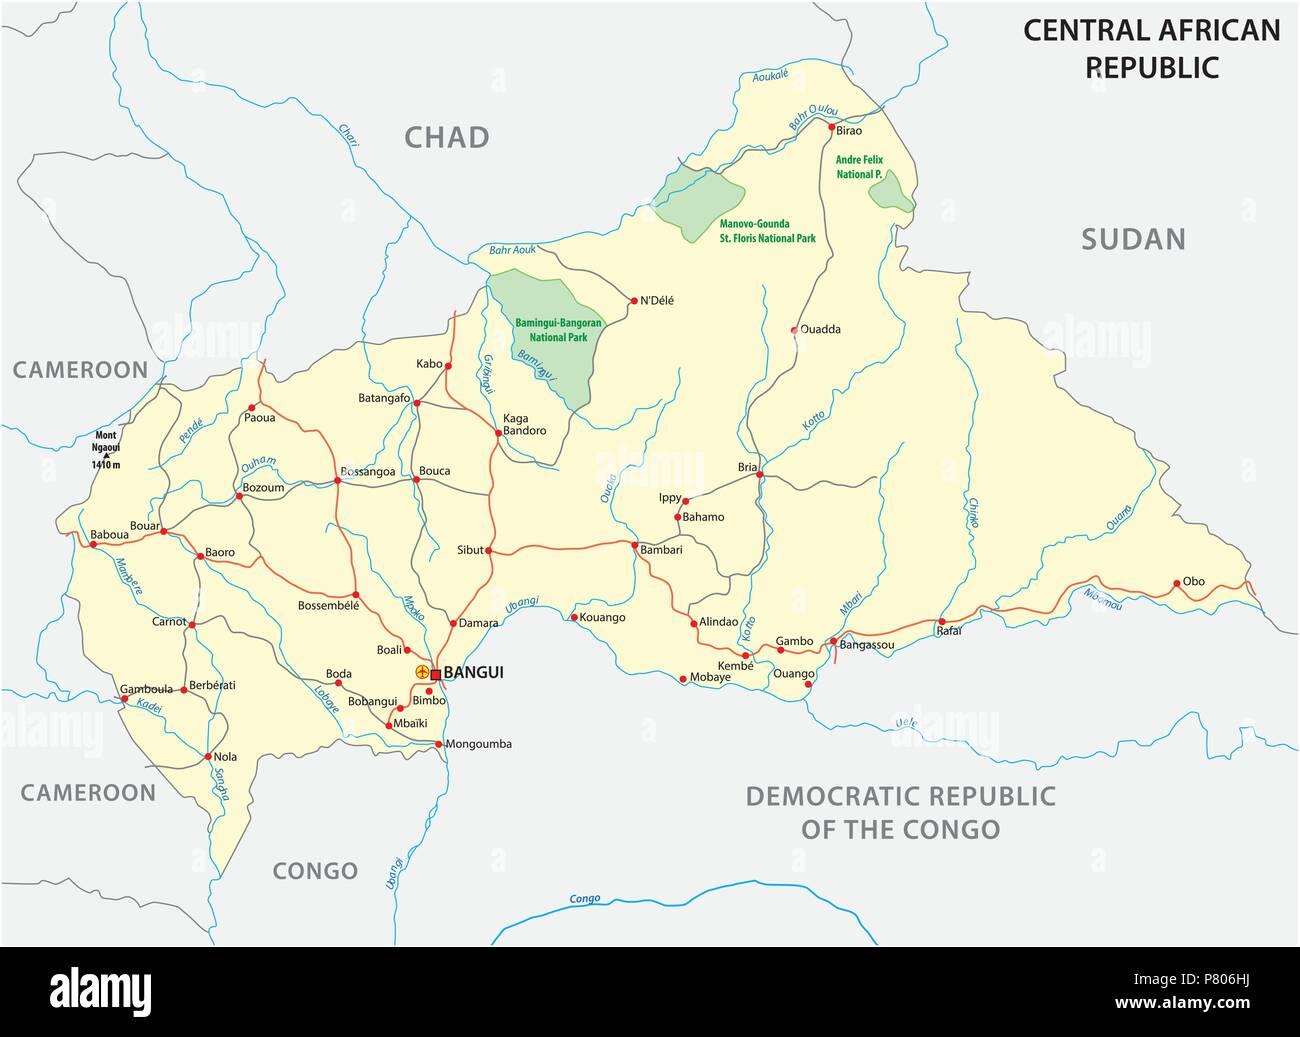 Repubblica centrafricana road mappa vettoriale Immagini Stock